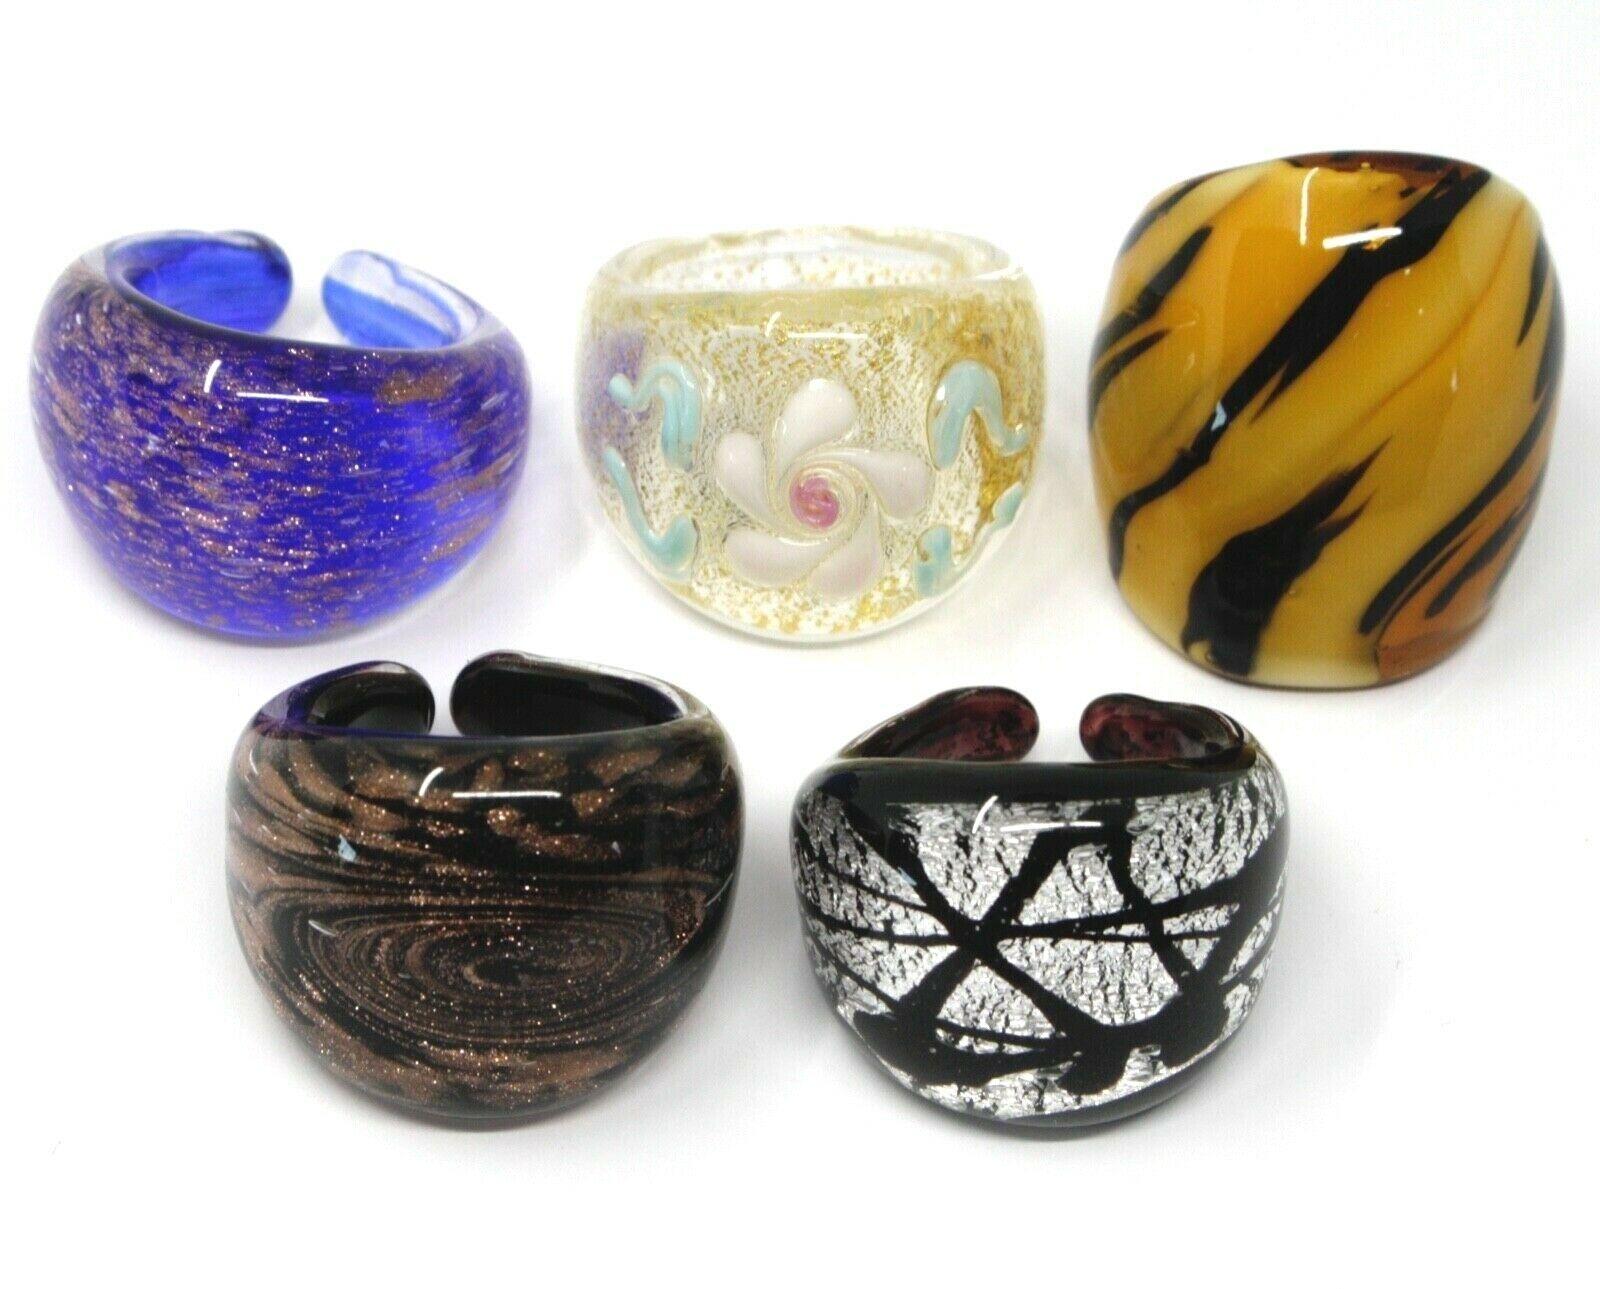 LOT OF 5 ANTICA MURRINA VENEZIA RINGS, MURANO GLASS, SIZE 7.5